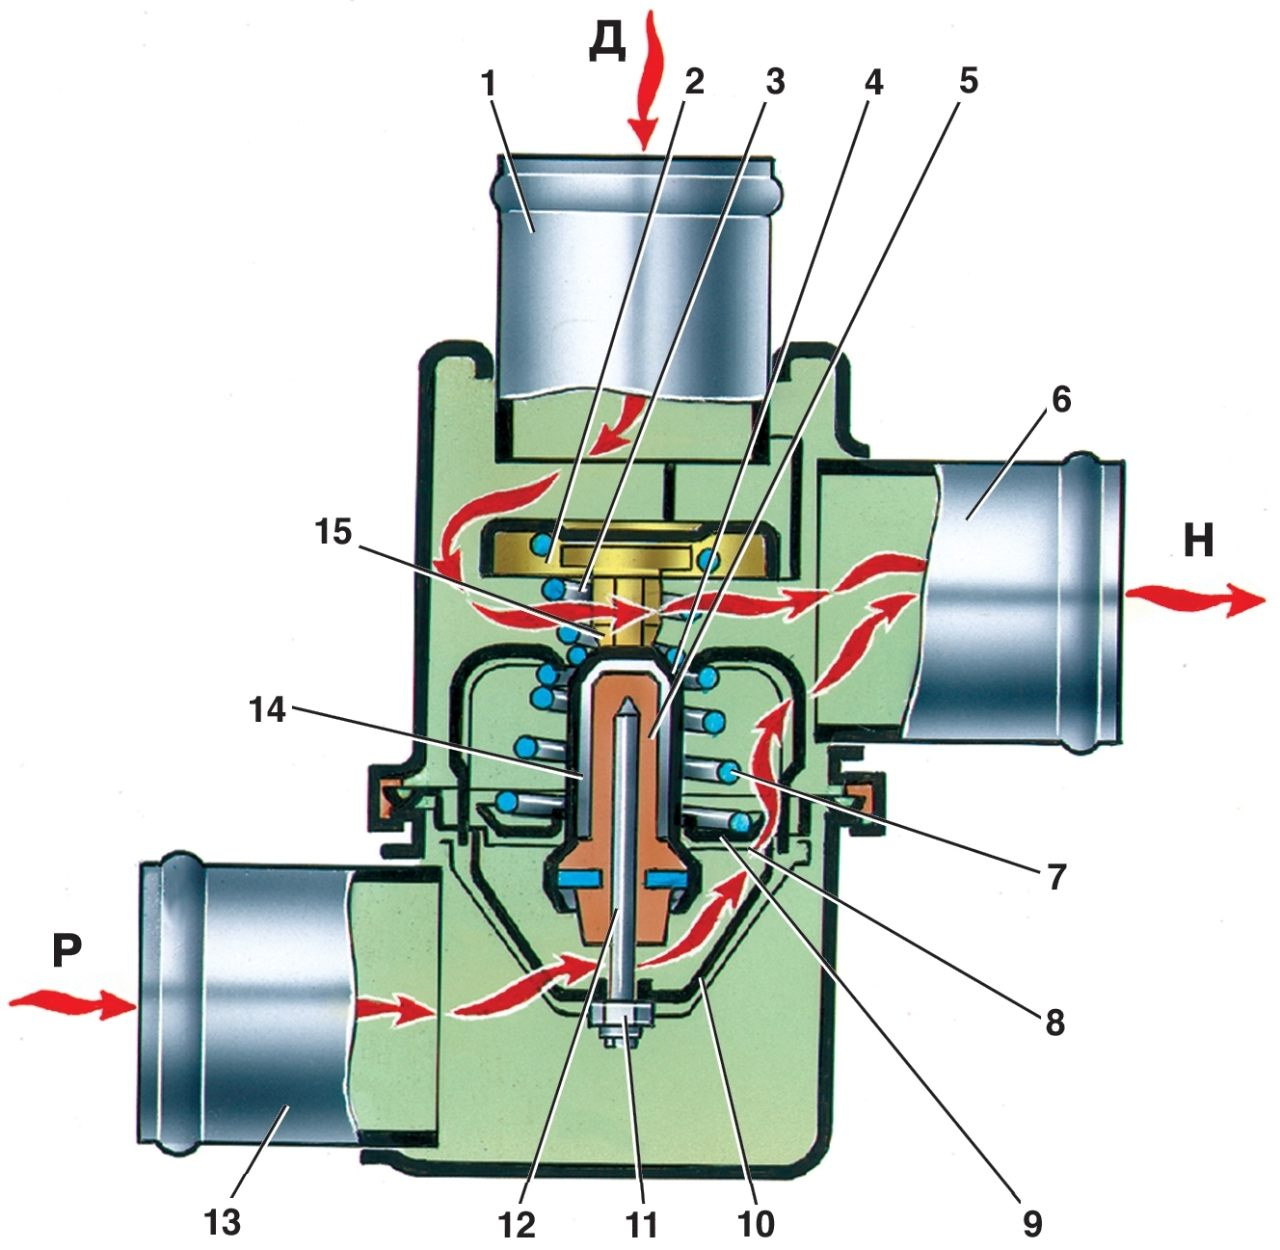 На предыдущем изображении показана конструкция системы охлаждения, на этом мы покажем термостат в разрезе.